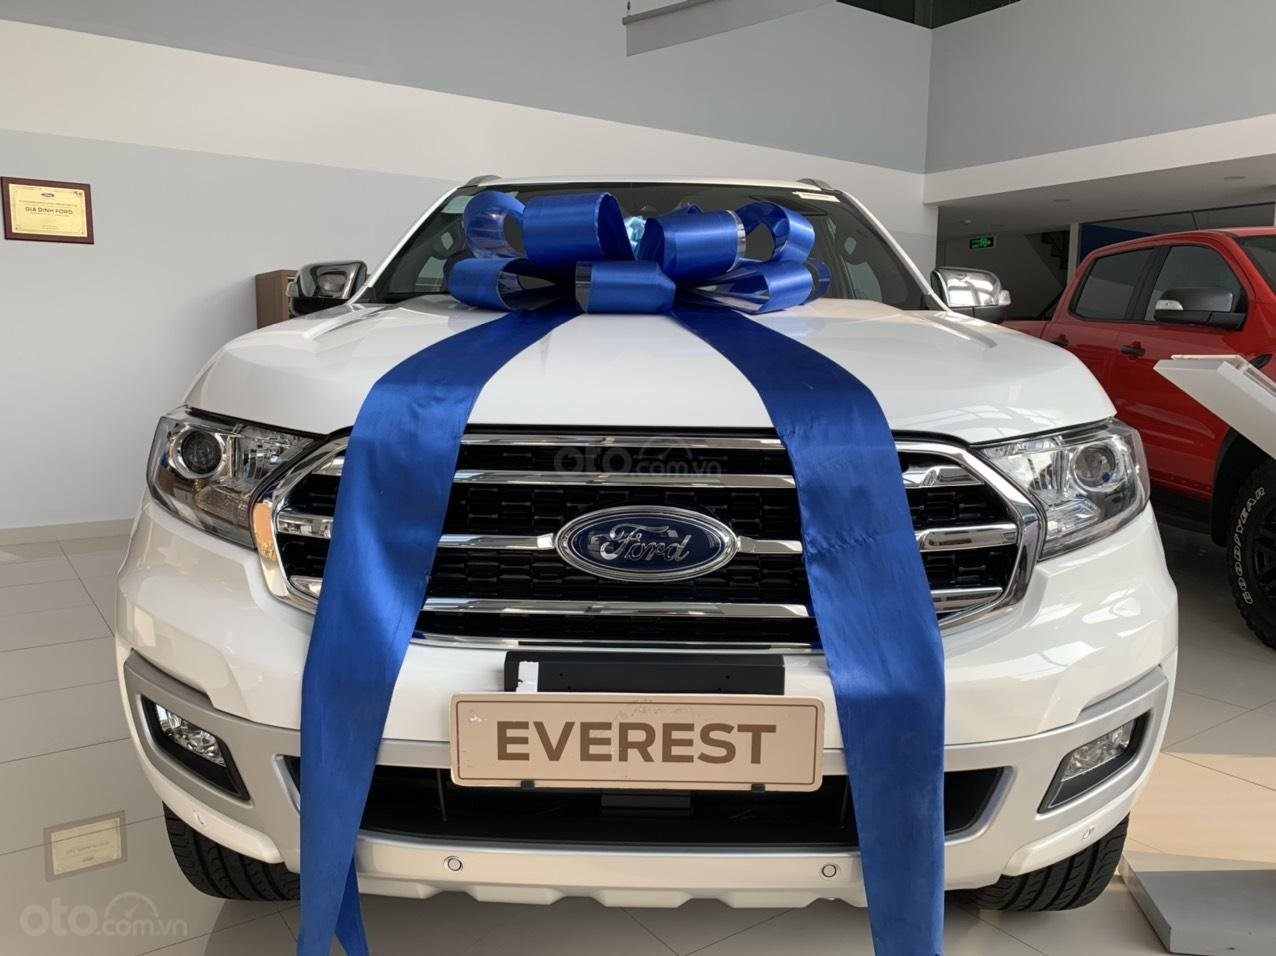 Ford Everest giảm giá 120 triệu, tặng BHVC, phim cách nhiệt, lót sàn, LH: 0388.145.415 (2)